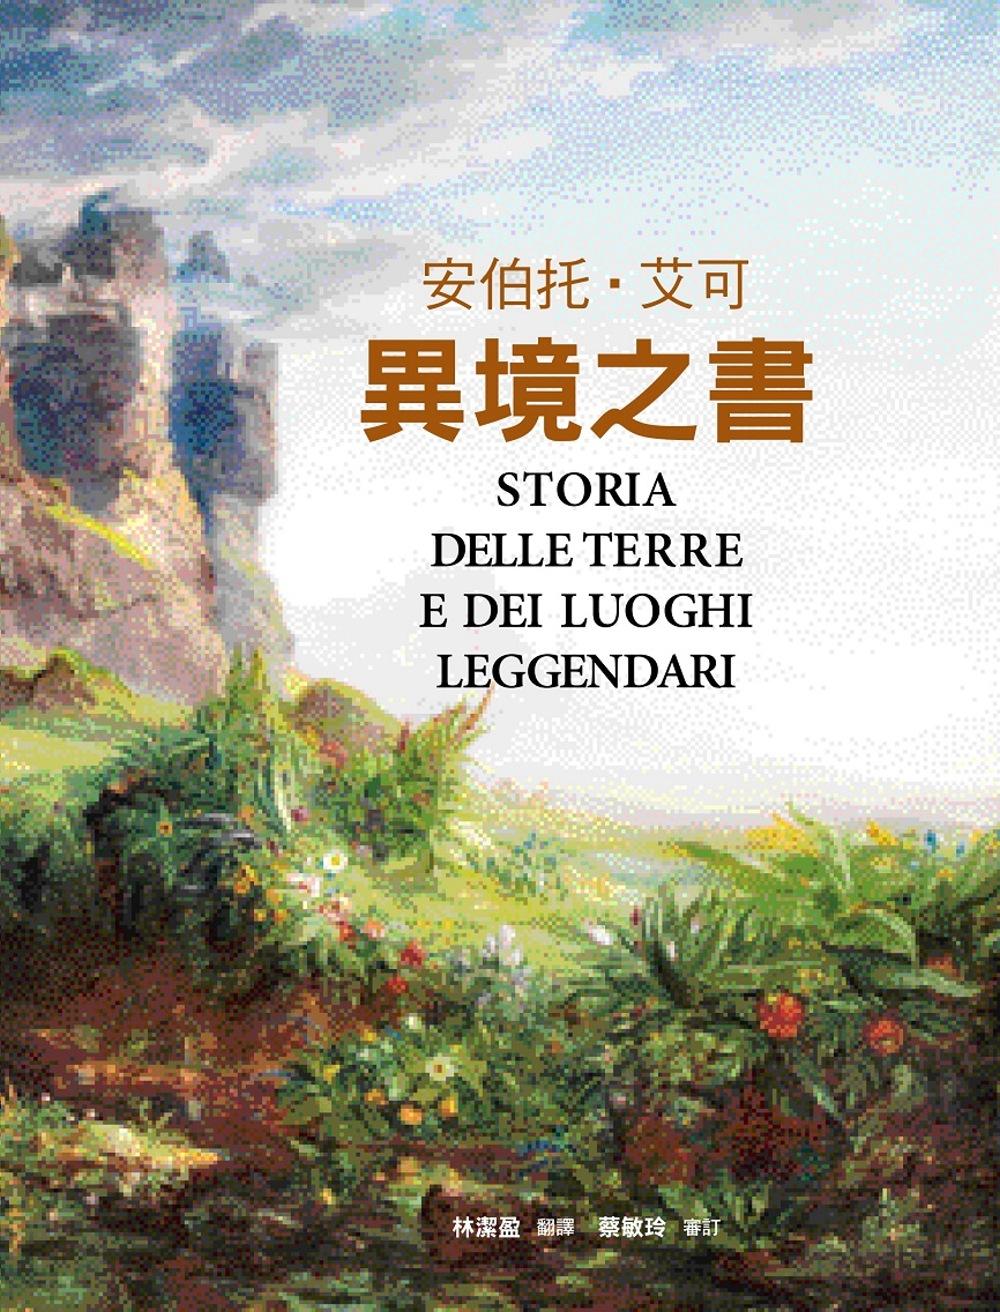 異境之書:安伯托‧艾可最後人文藝術巨作